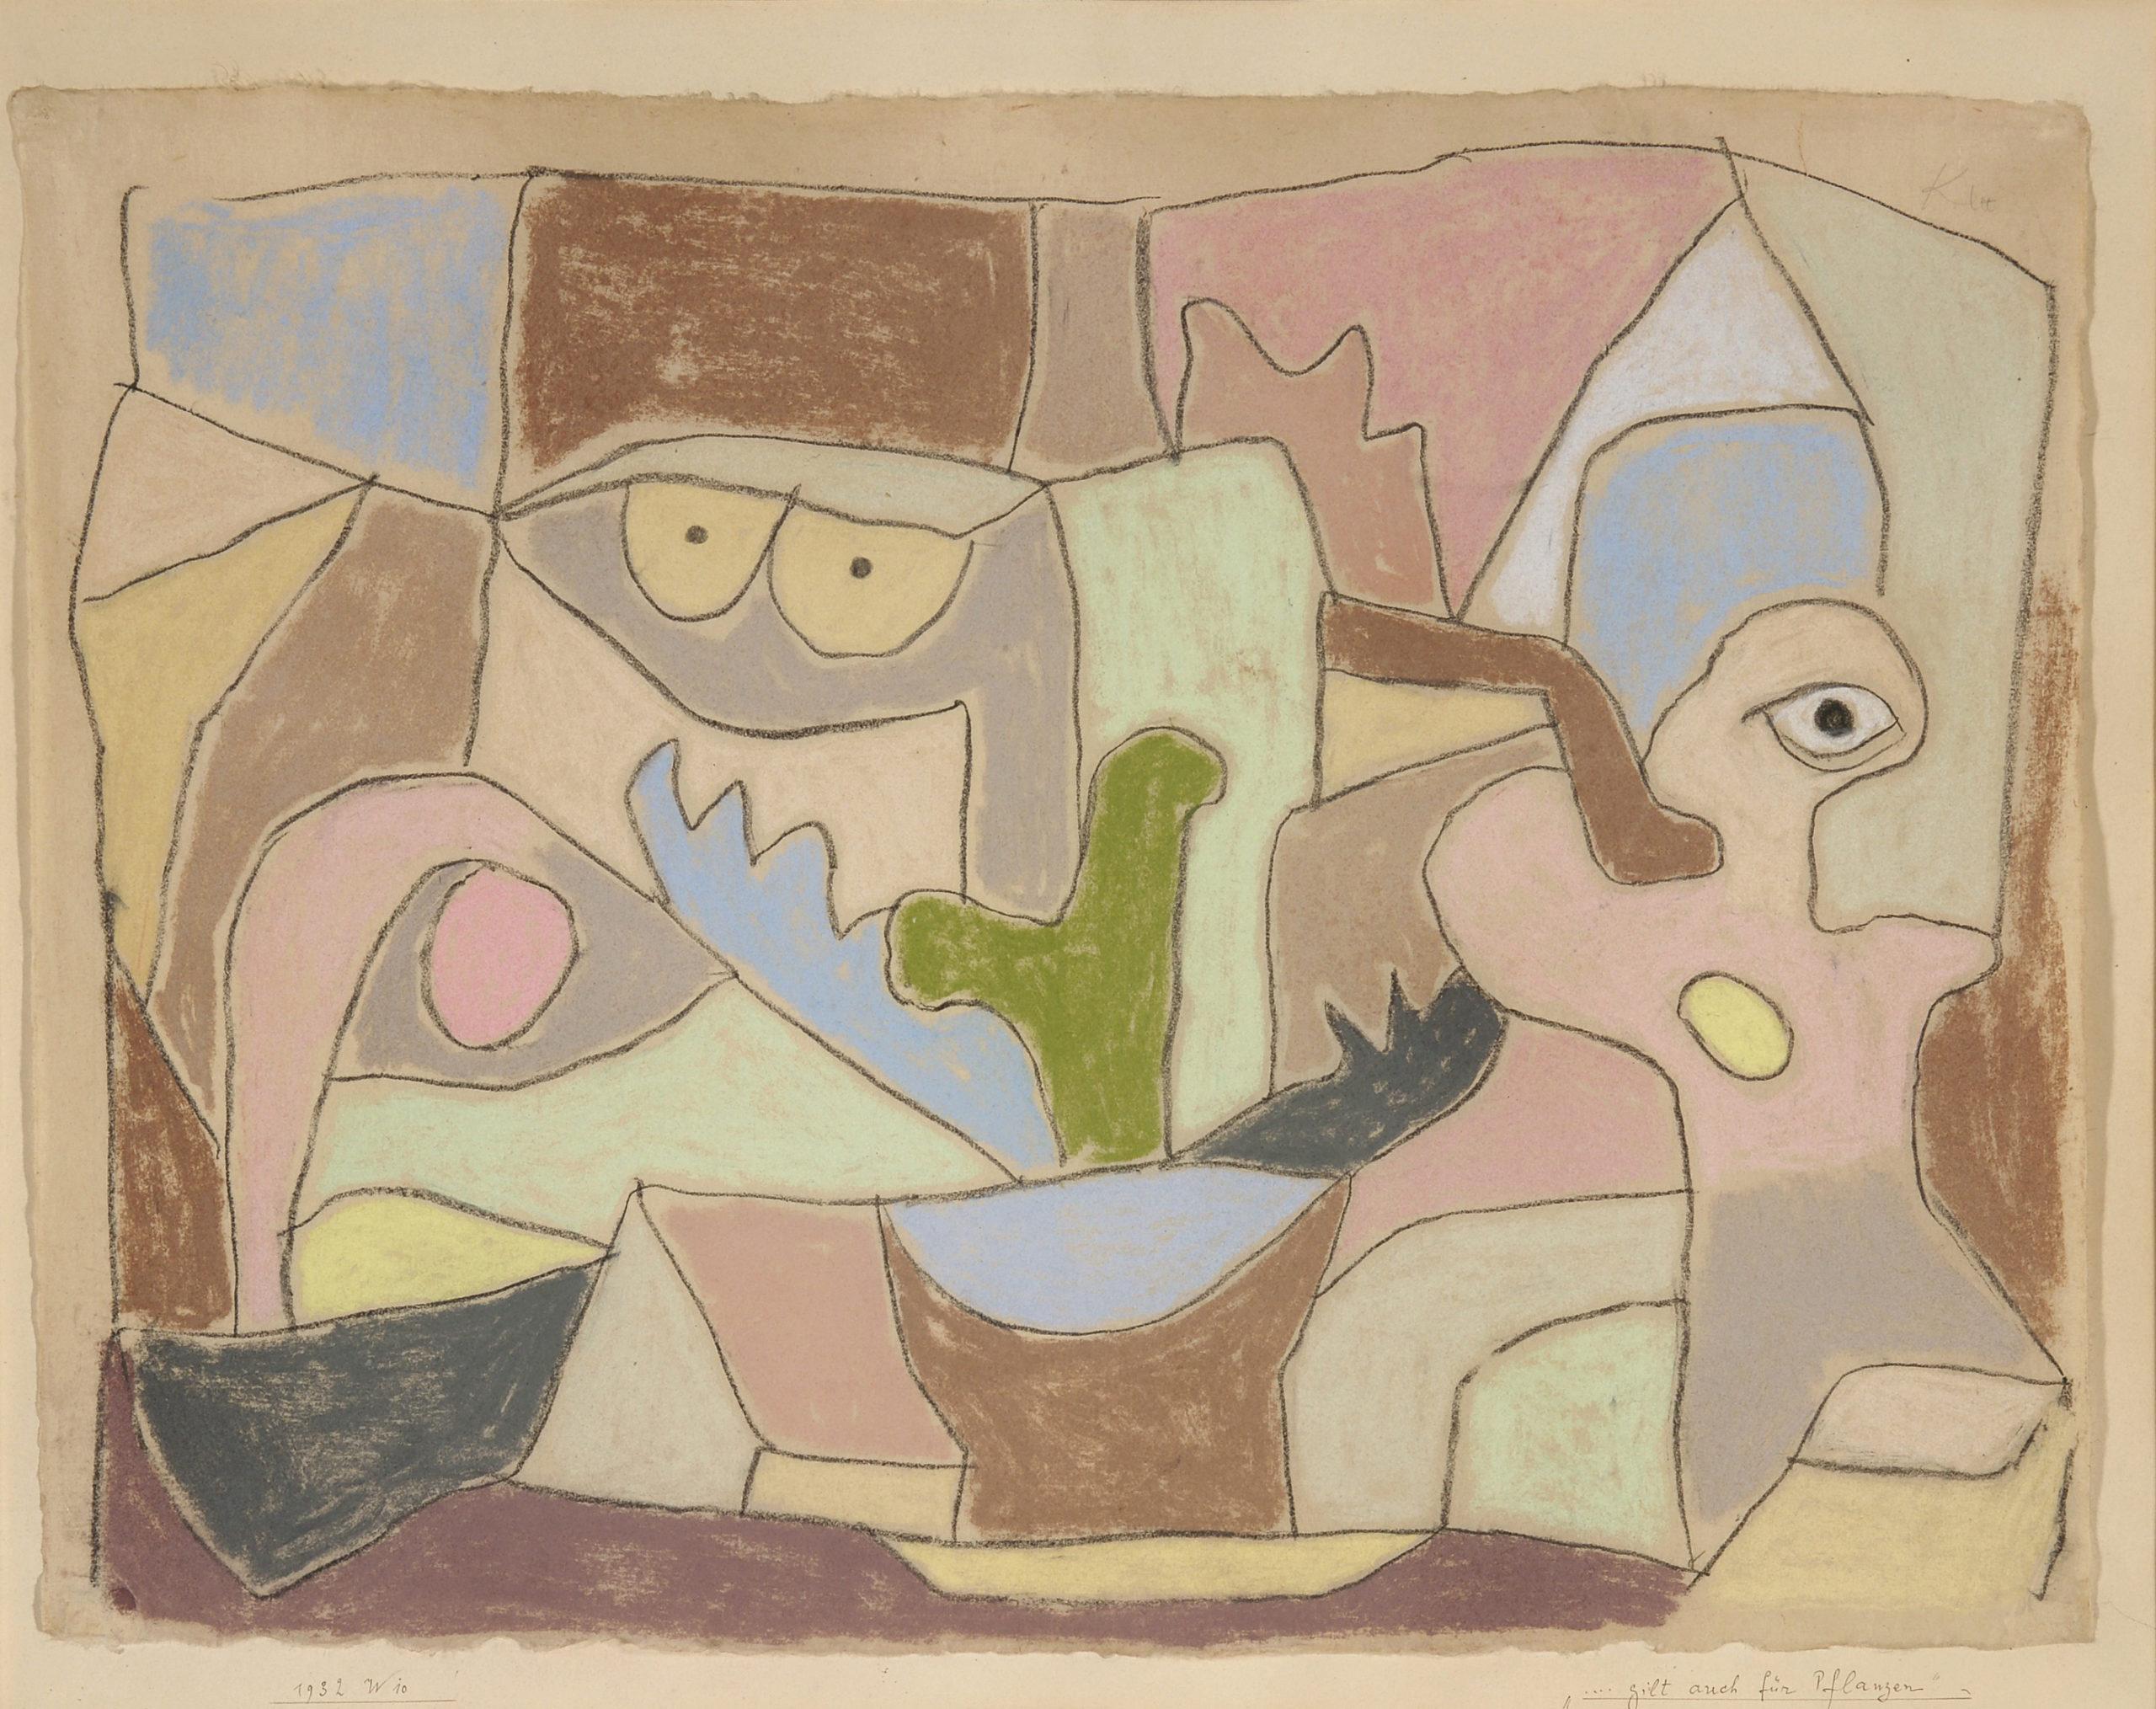 """Paul Klee, """"…gilt auch für Pflanzen"""", 1932, Pastell und Kreide auf Papier auf Karton, 38,1 x 49,5 cm / 43,3 x 54 cm"""